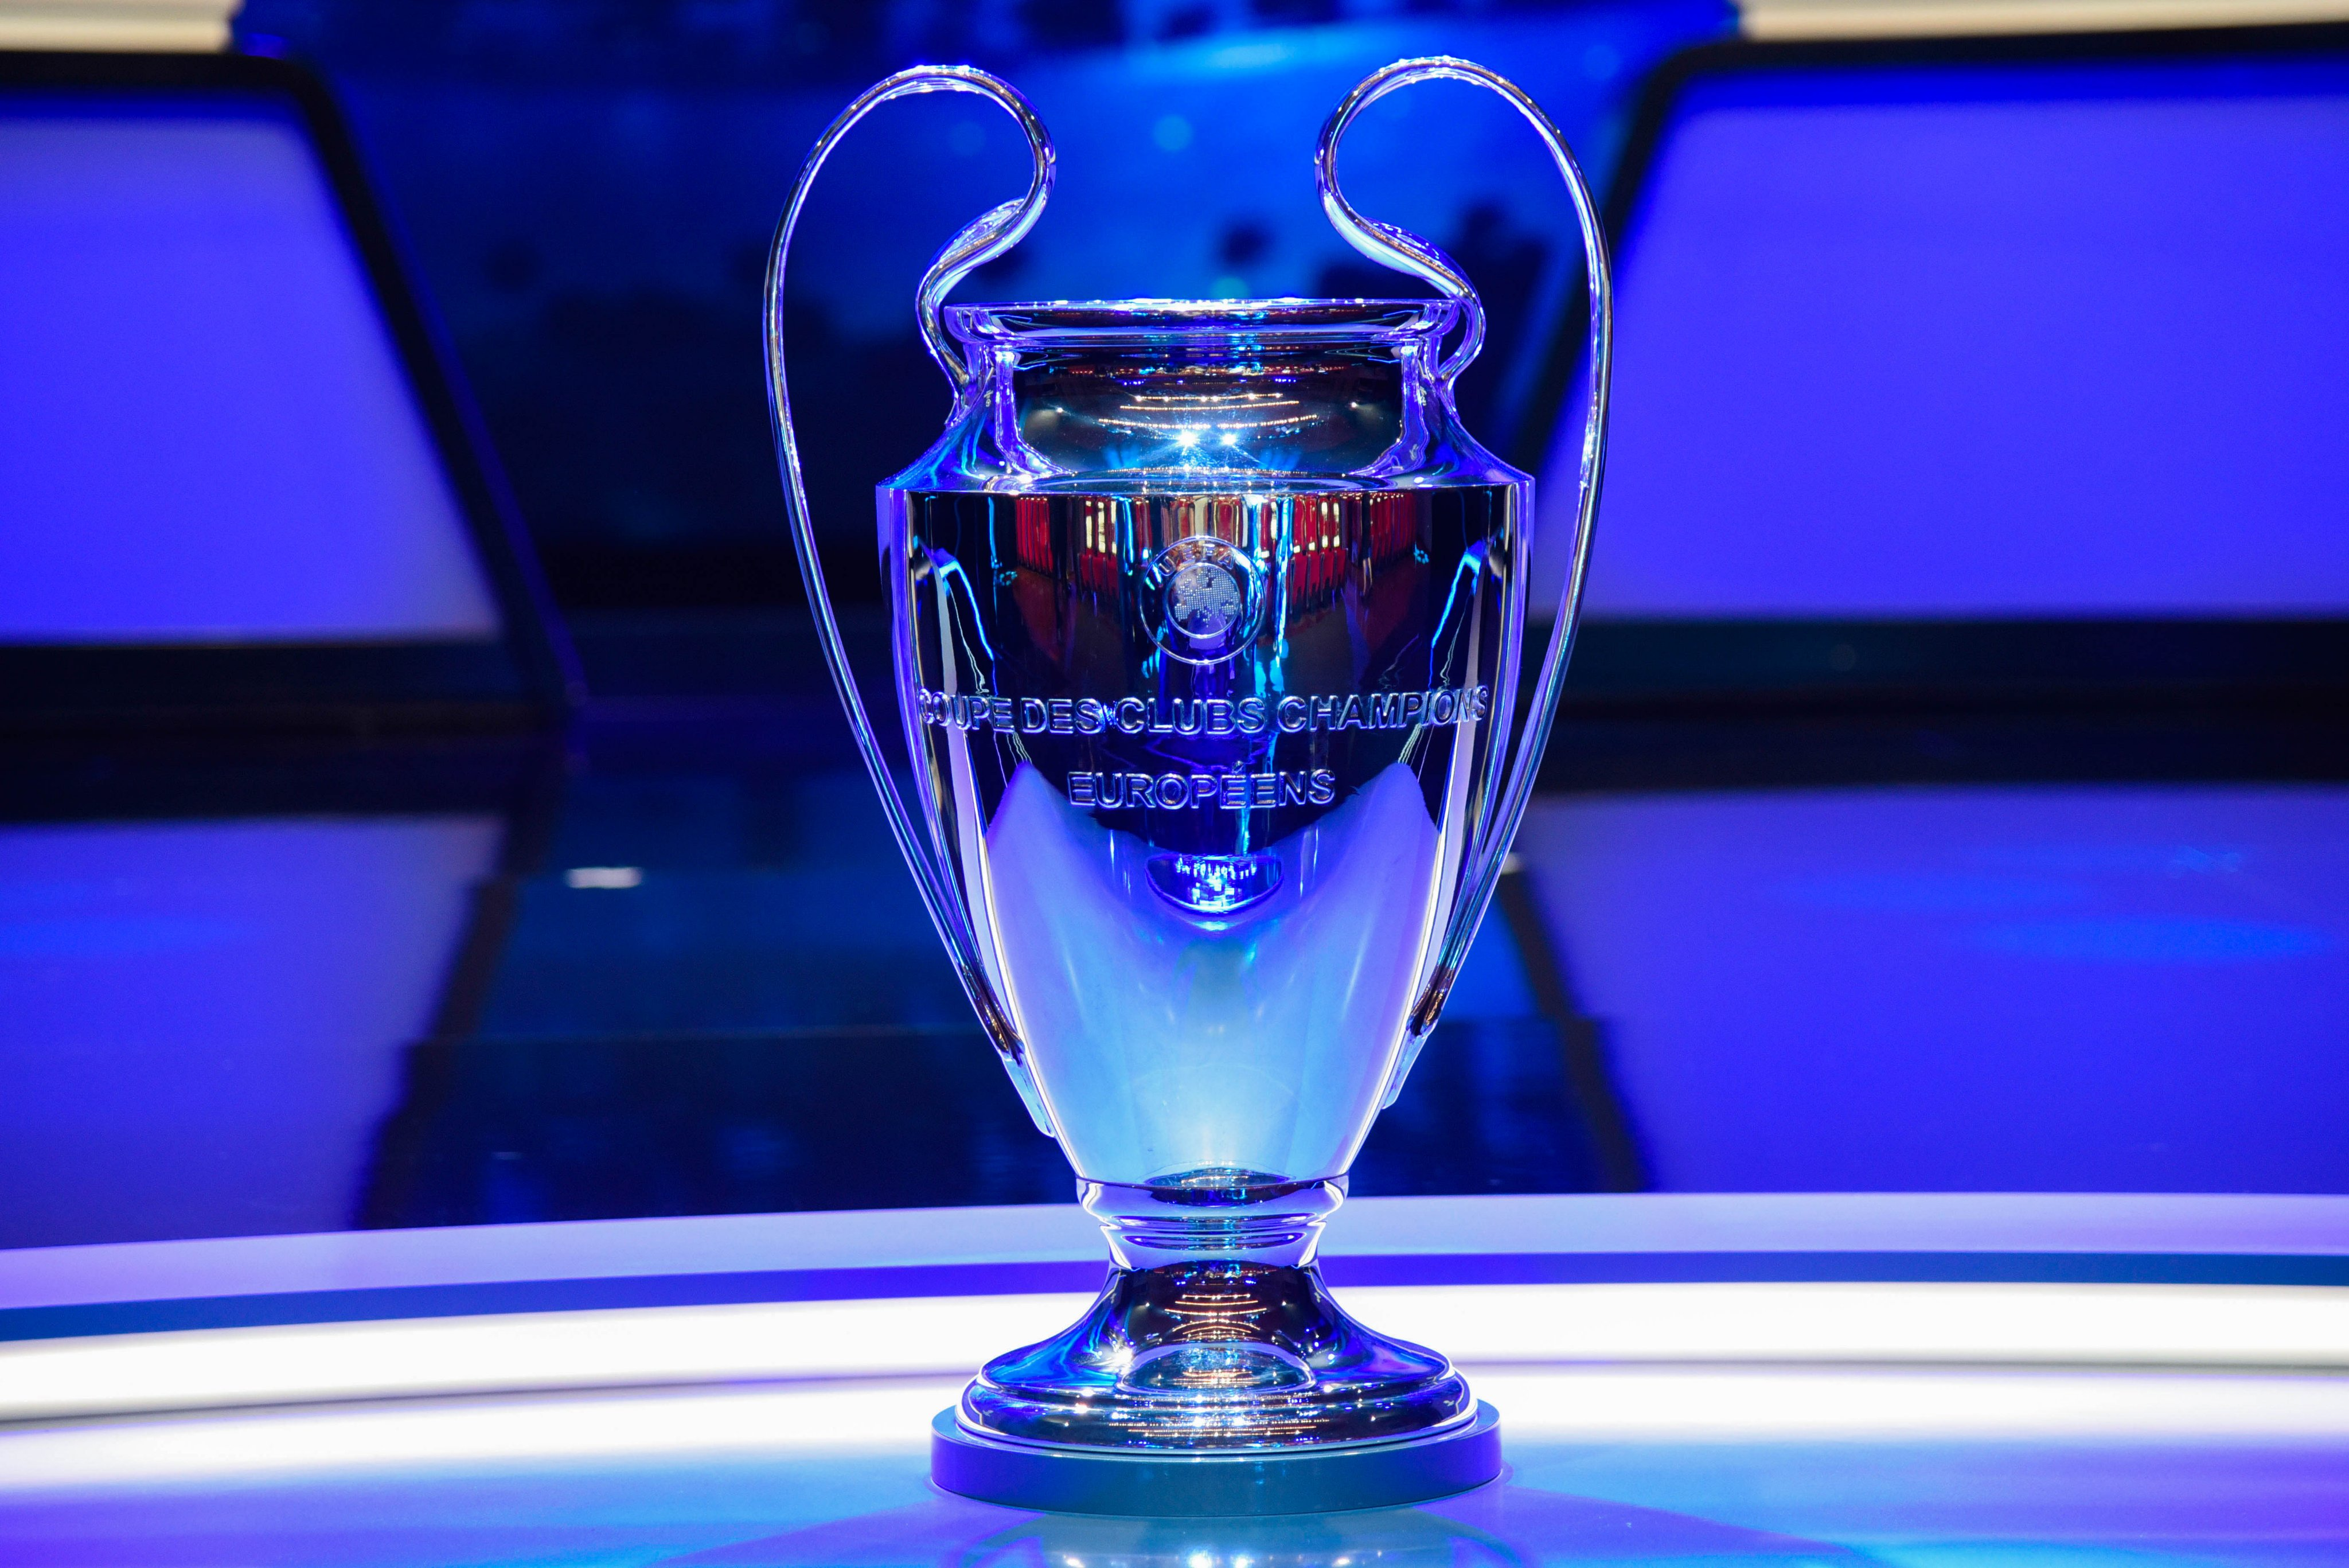 La Champions League vuelve con representación colombiana